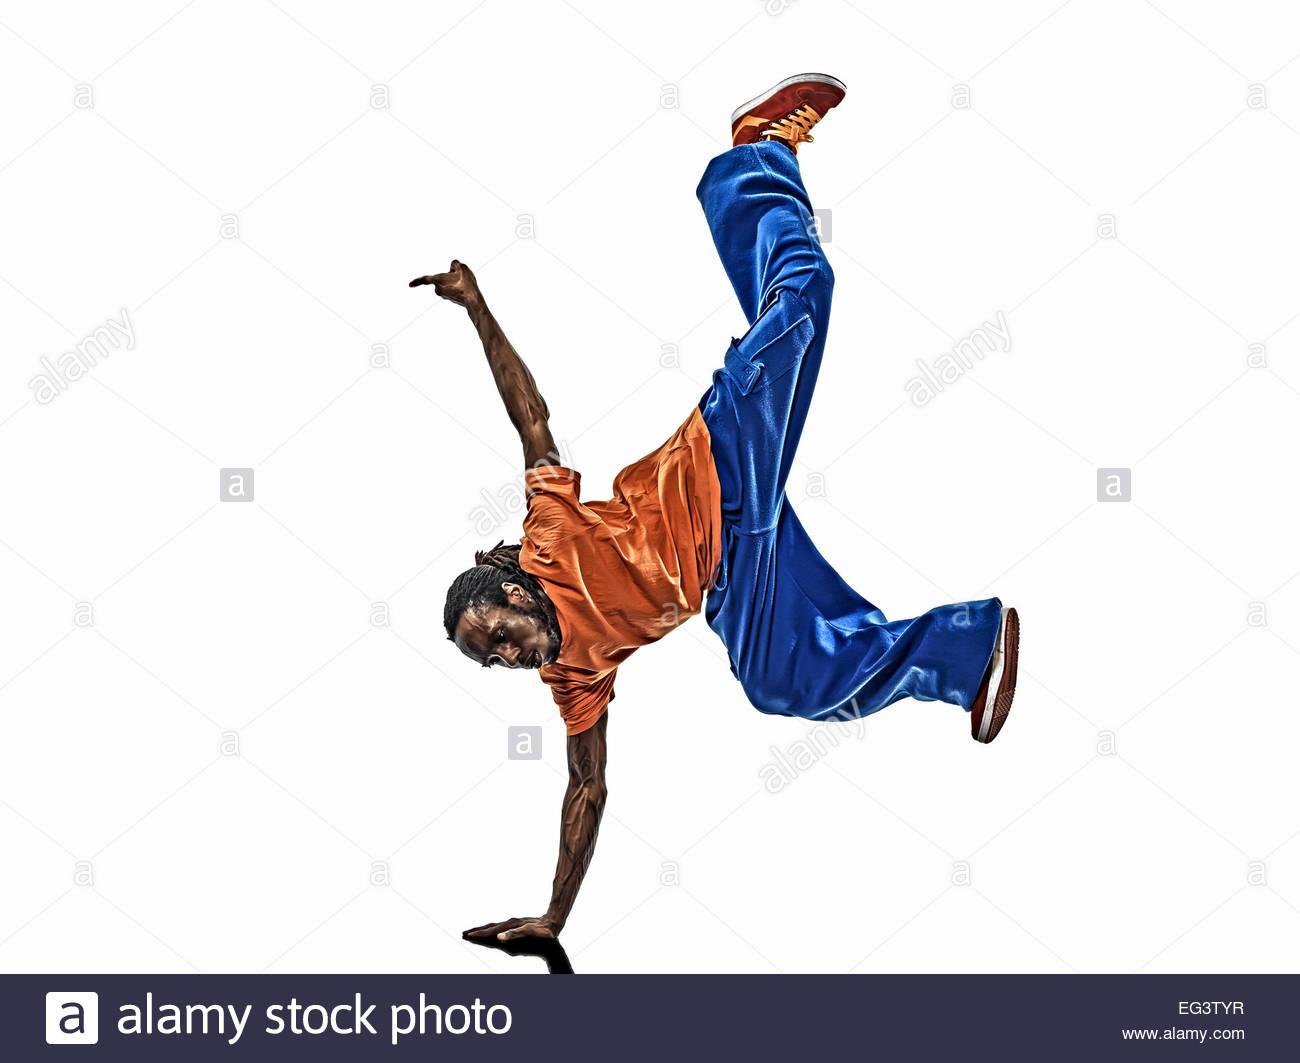 1300x1063 One Hip Hop Acrobatic Break Dancer Breakdancing Young Man